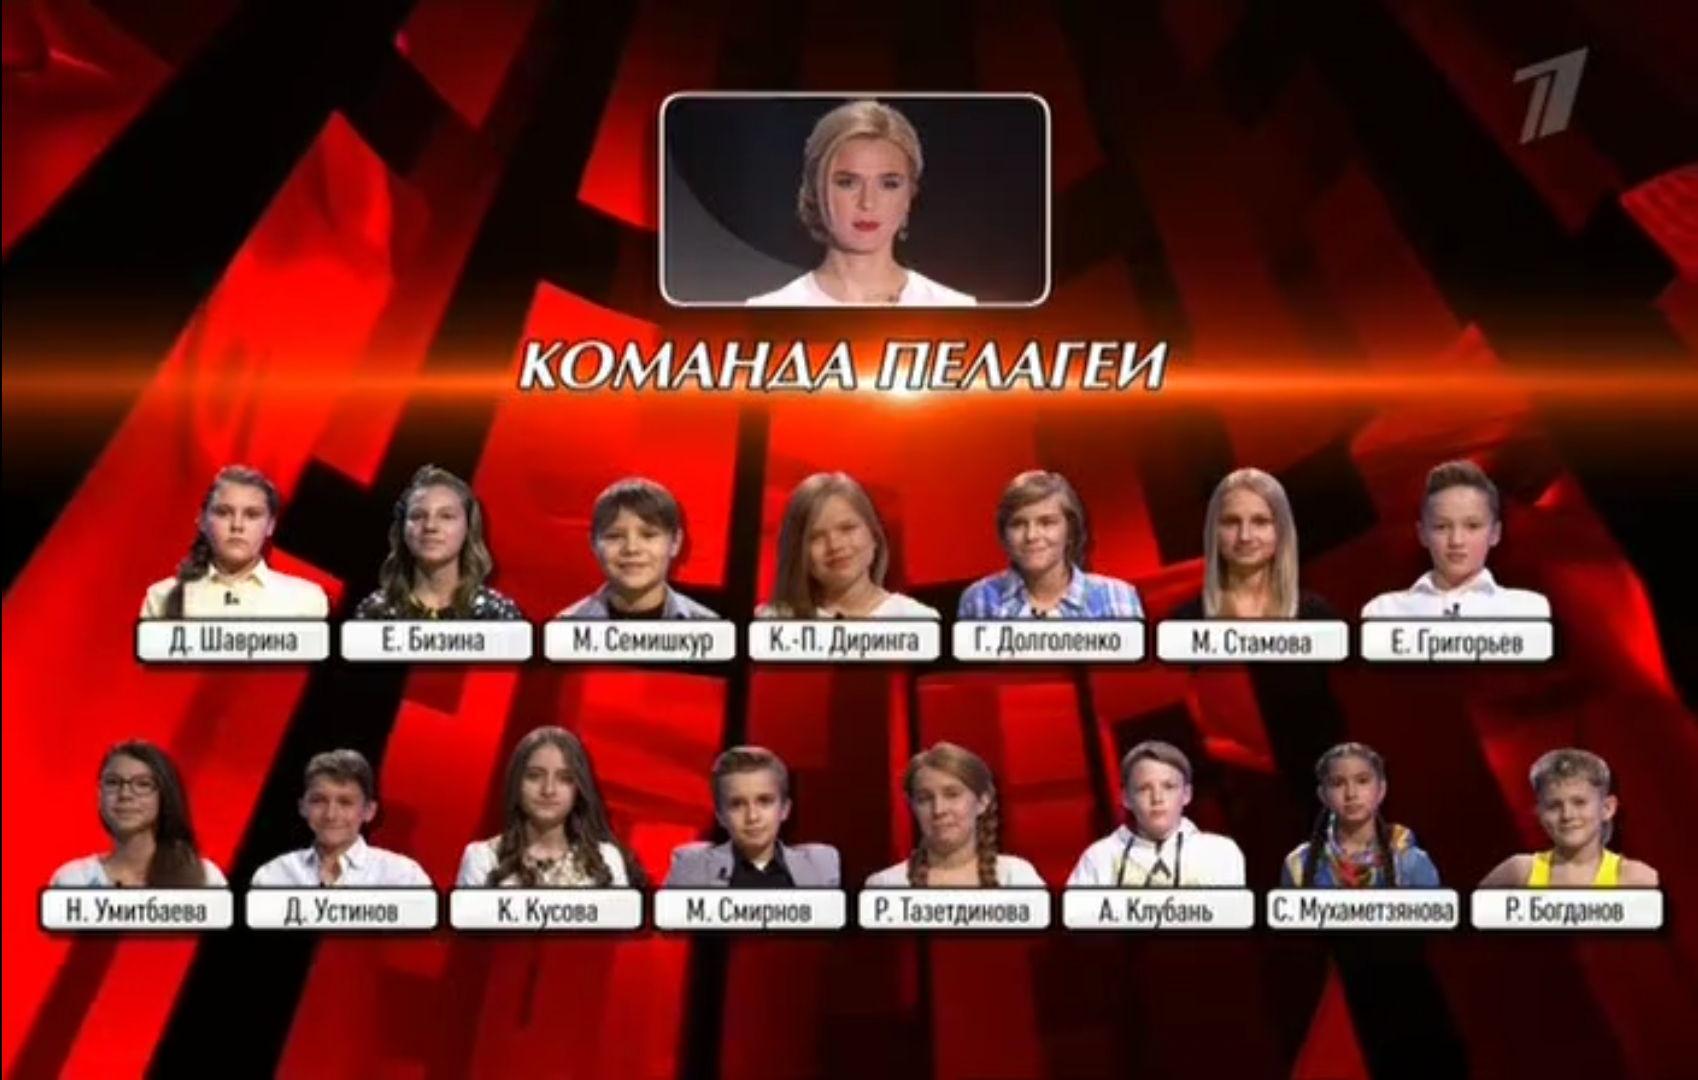 Участники голос дети 2018 список и фото